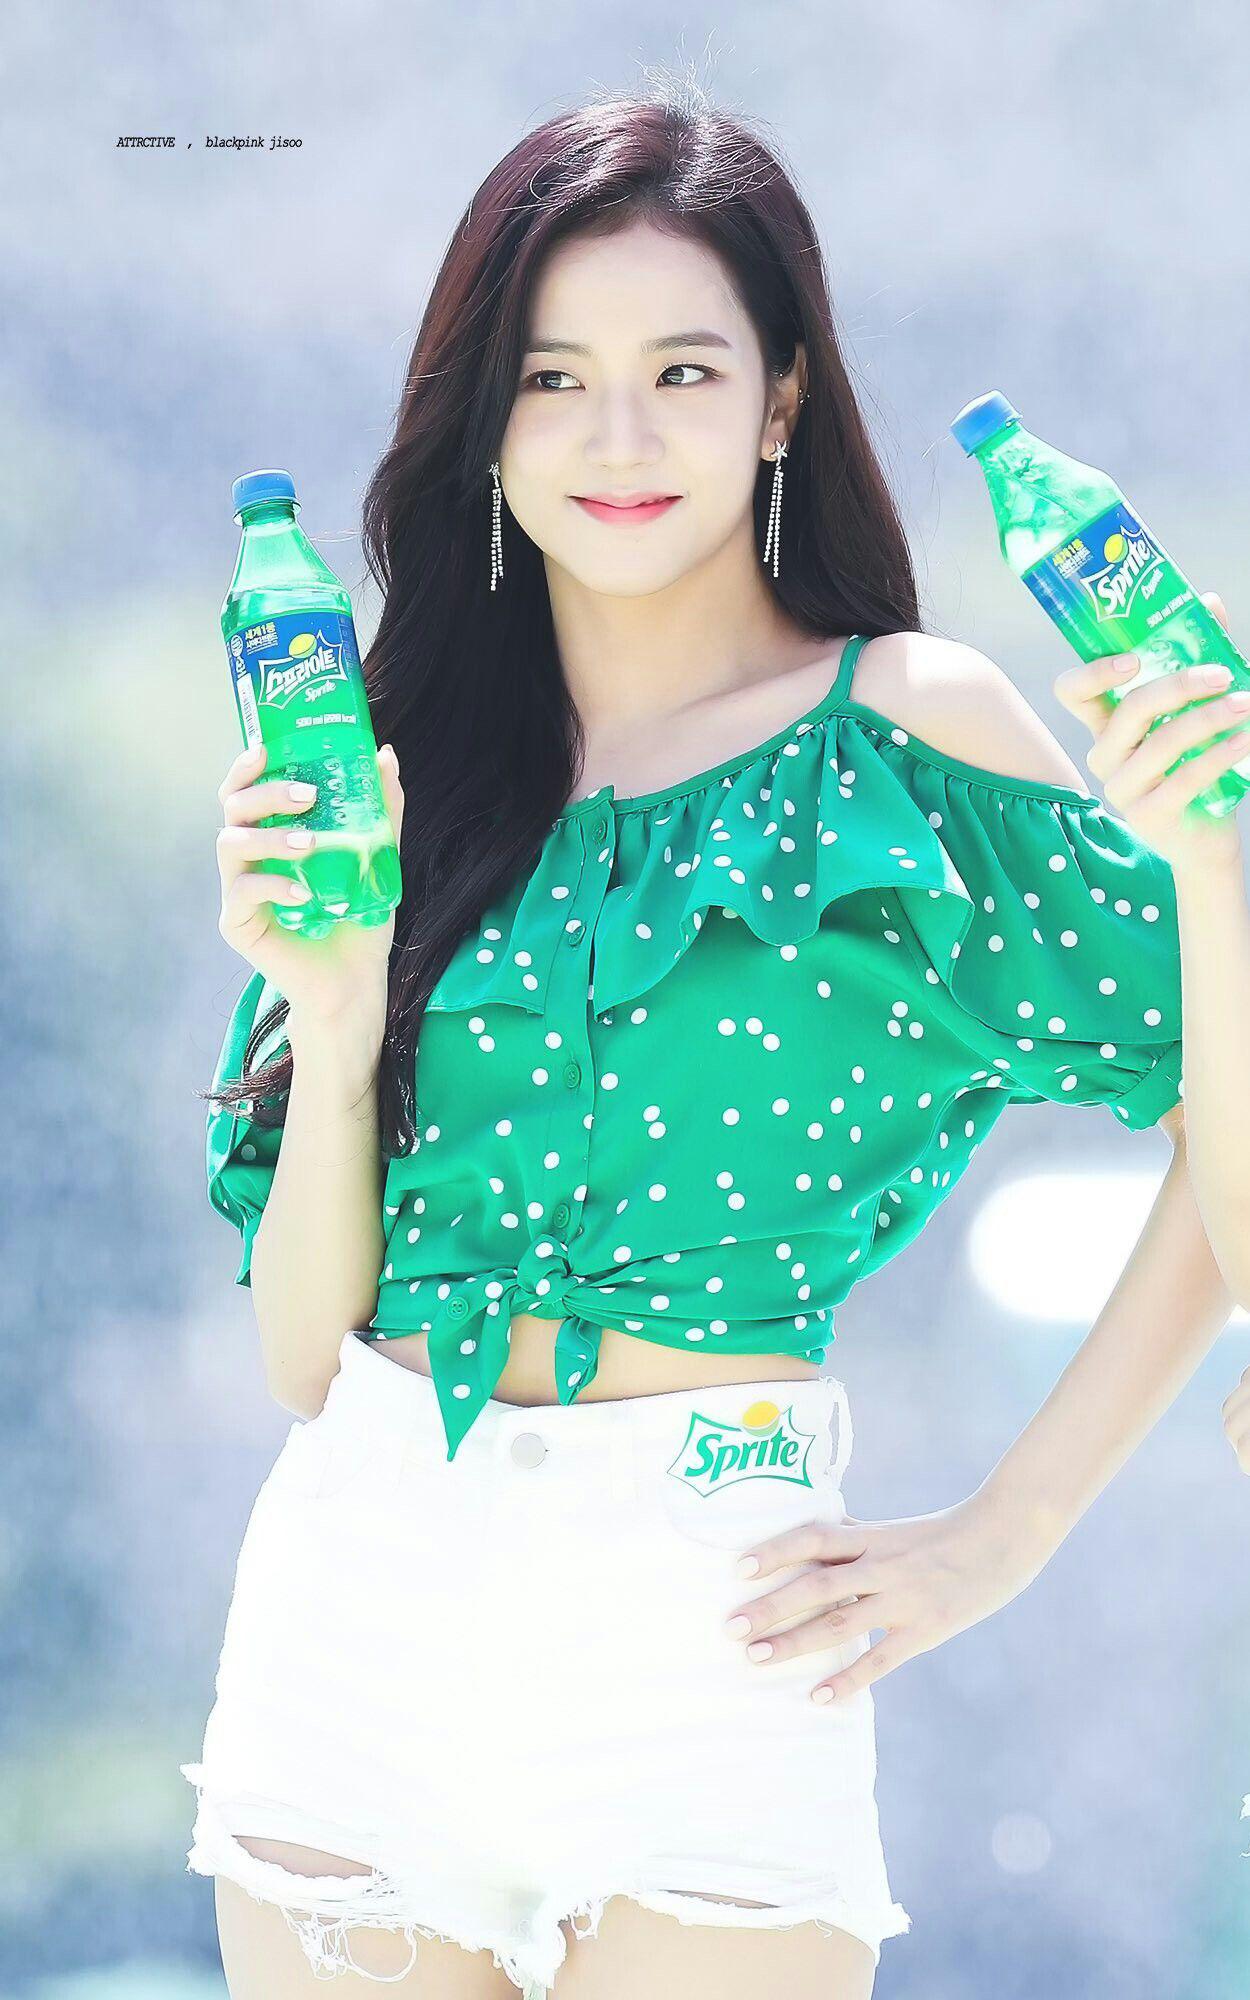 Nhiều người chê Jisoo xinh mà nhạt nhưng nếu cô thật sự để kiểu tóc này thì dân tình sẽ phải câm nín vì quá chất - Ảnh 1.